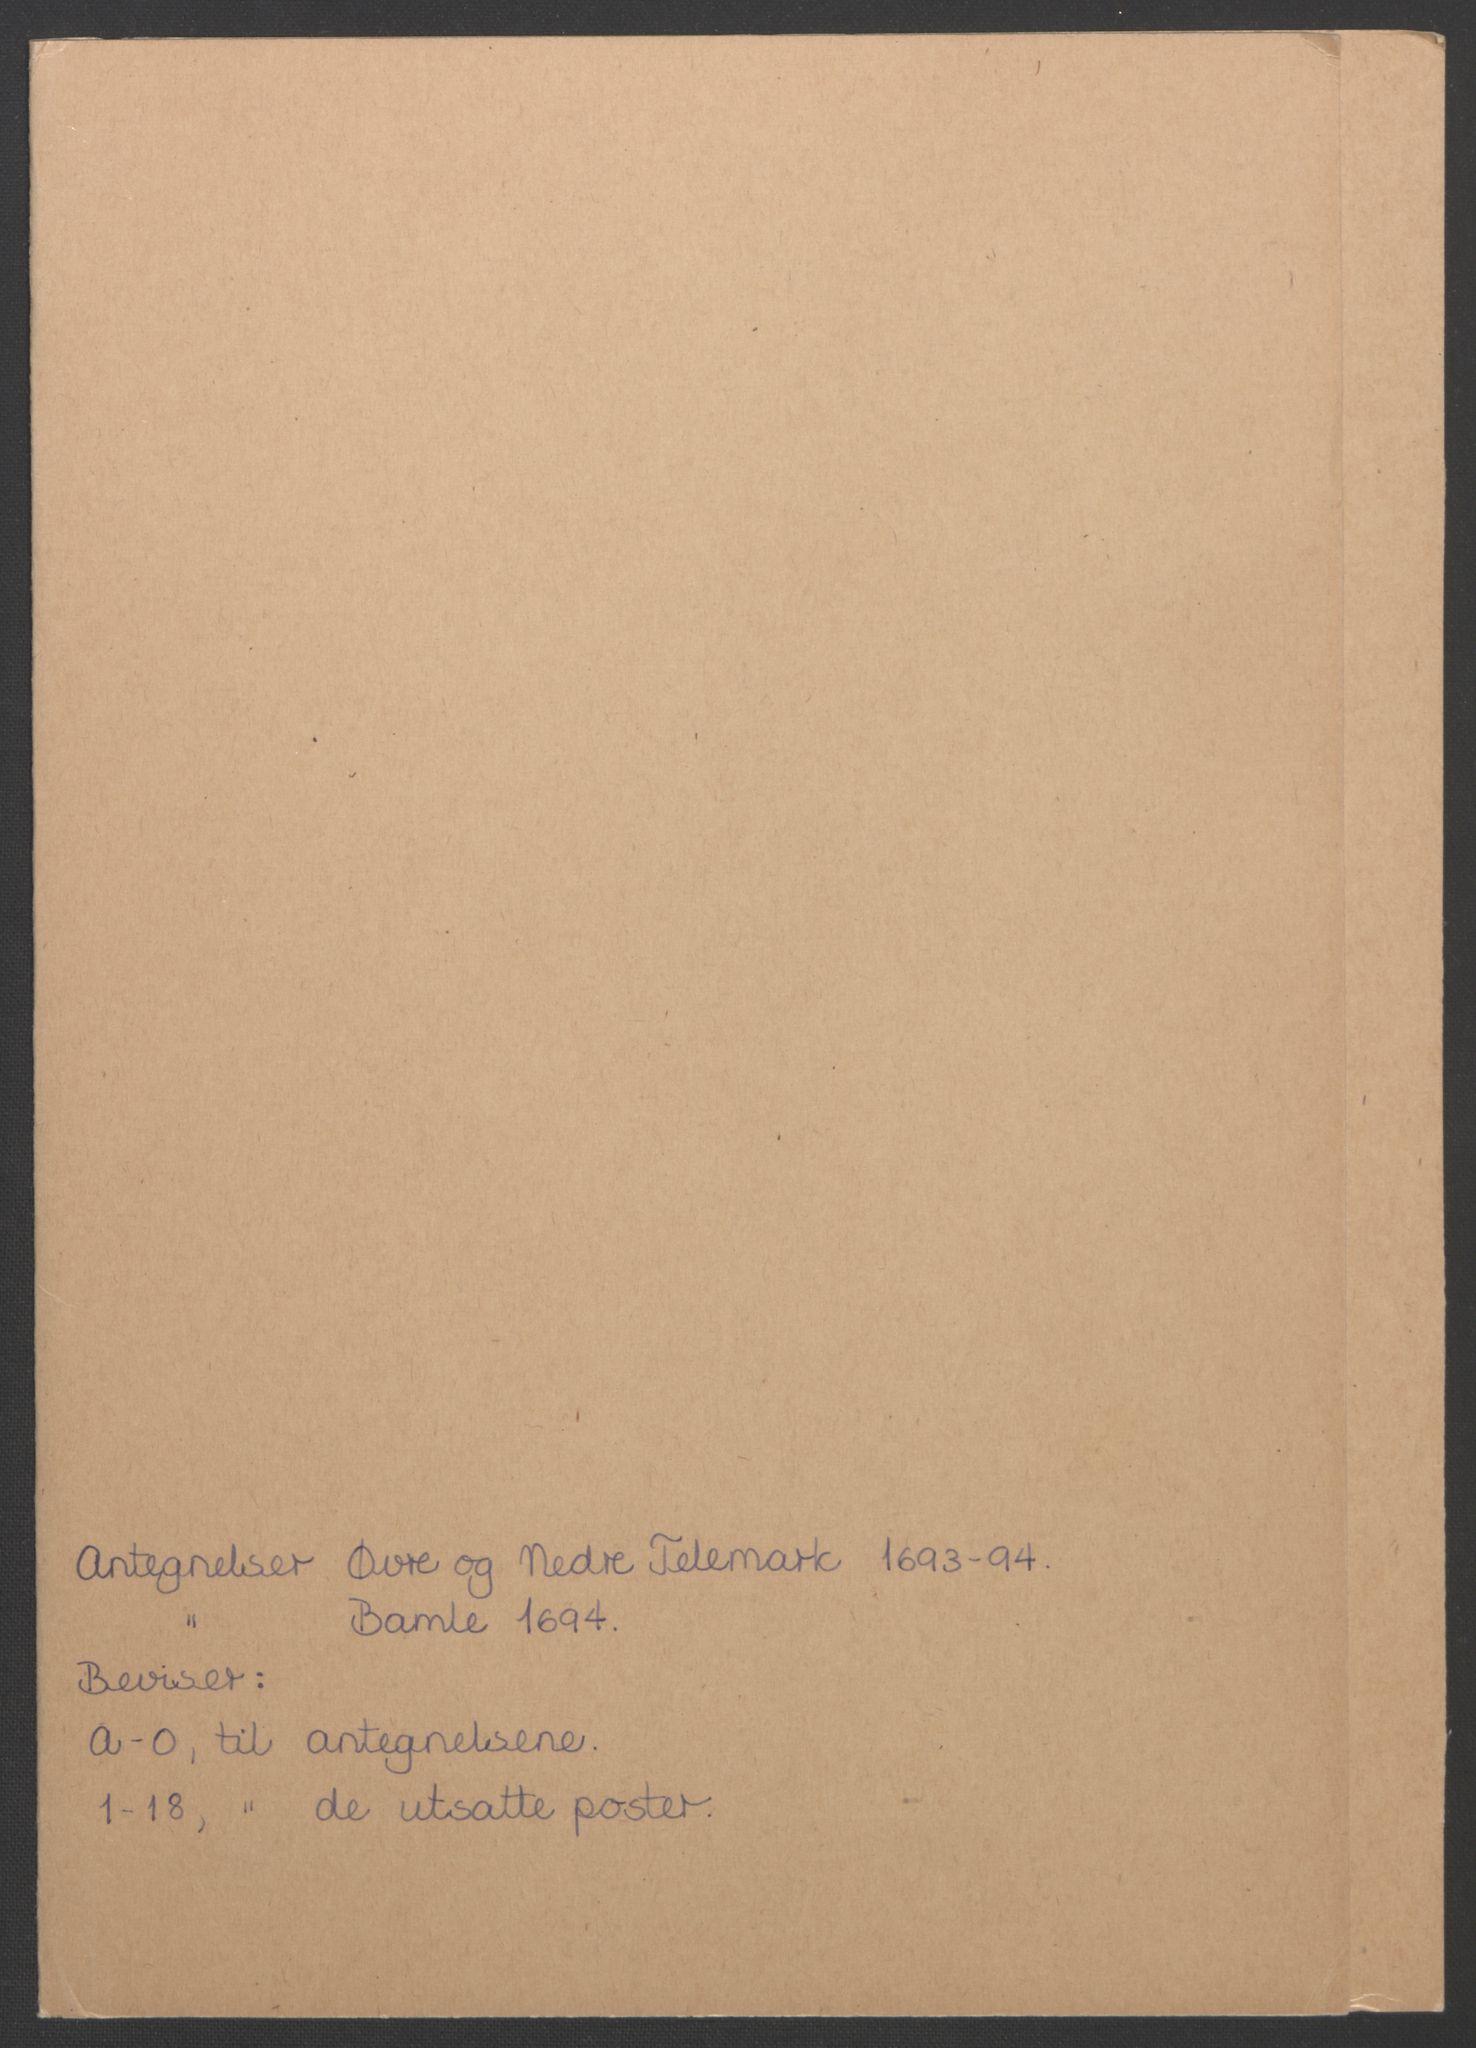 RA, Rentekammeret inntil 1814, Reviderte regnskaper, Fogderegnskap, R36/L2092: Fogderegnskap Øvre og Nedre Telemark og Bamble, 1694, s. 274